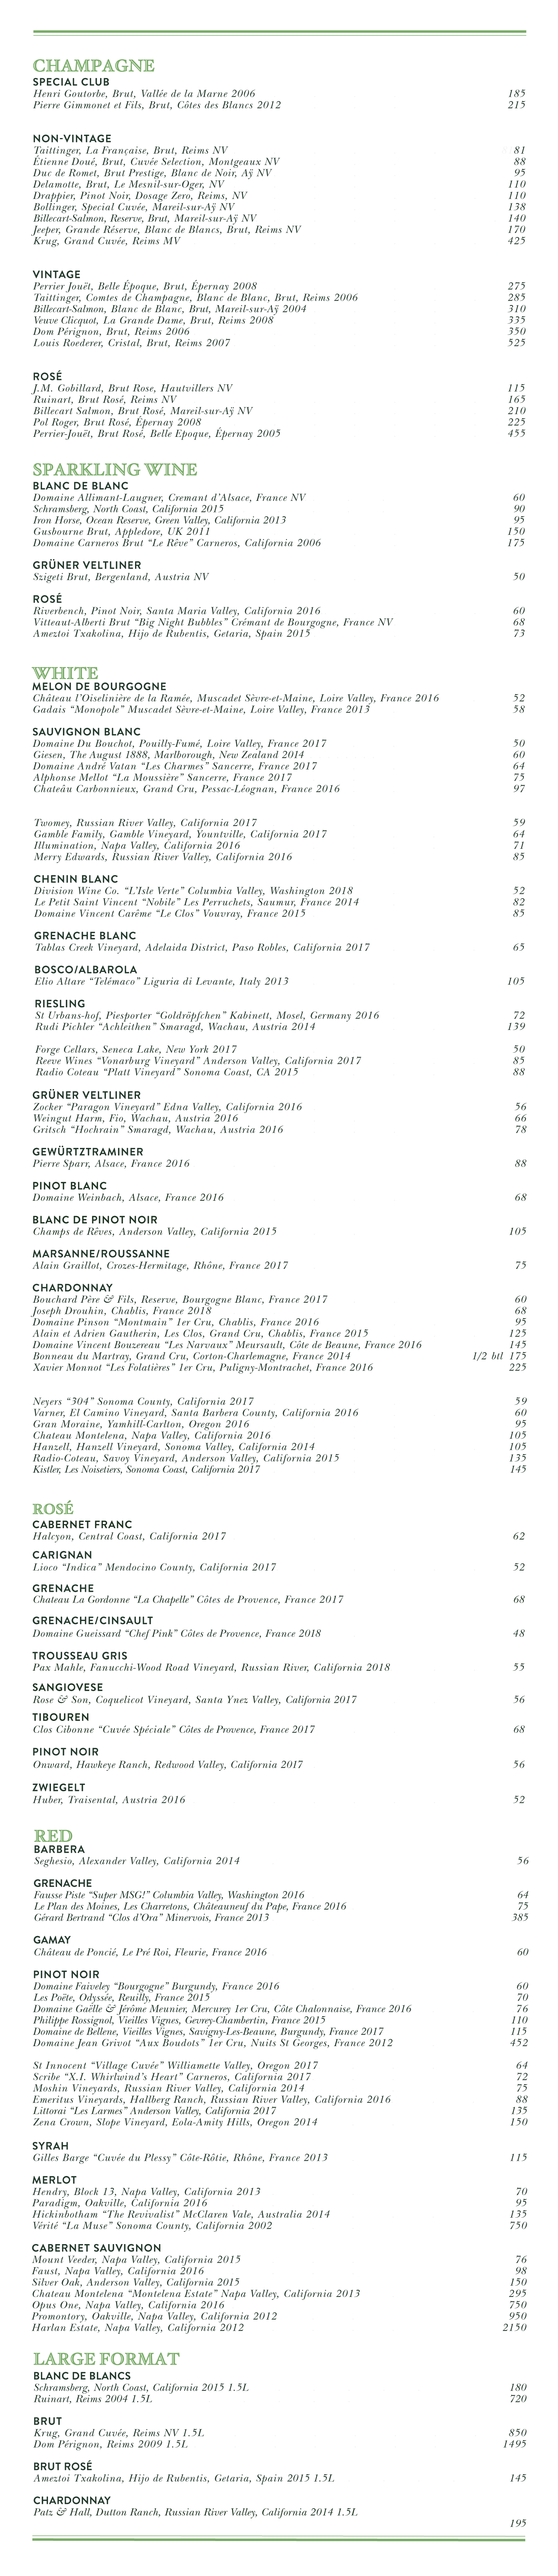 Wine-12.12.19